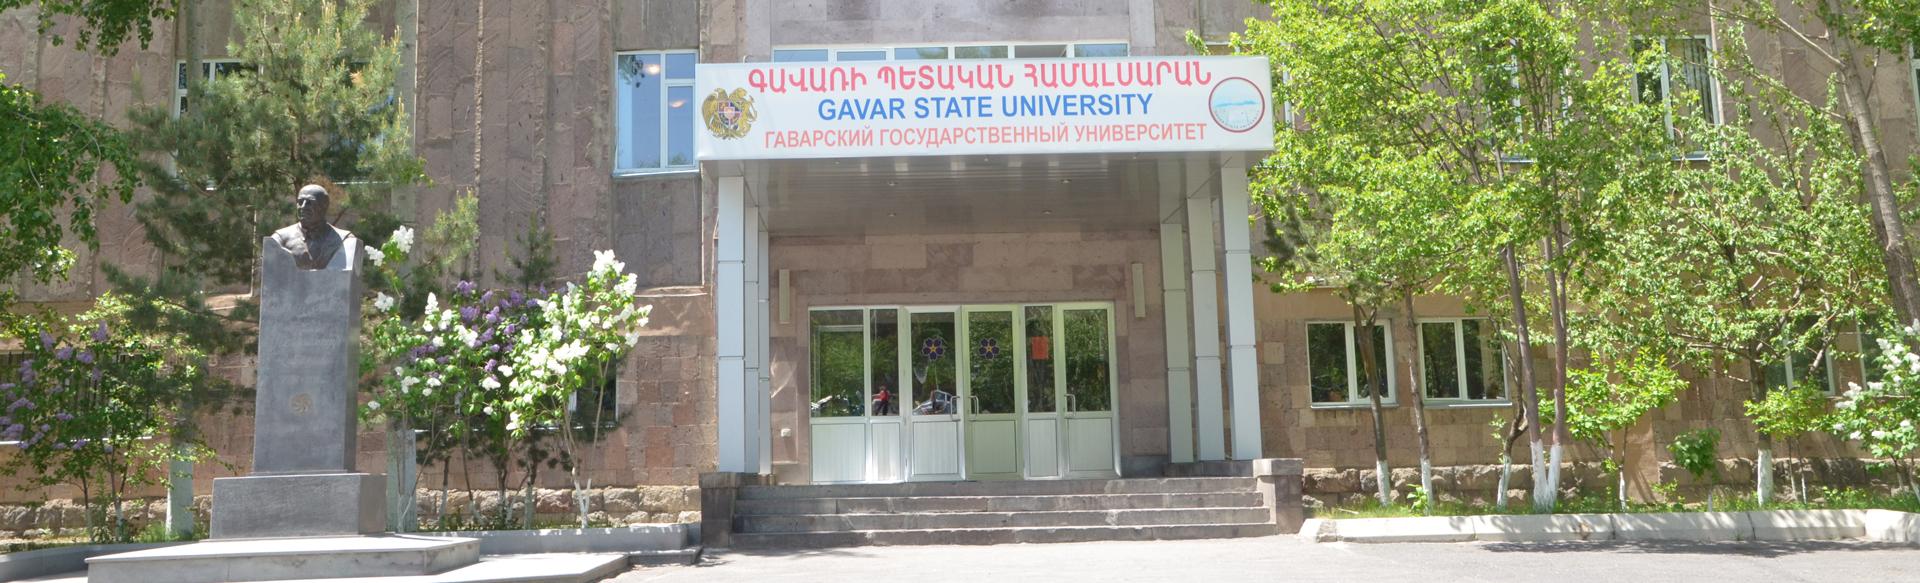 Gavar / Armenia